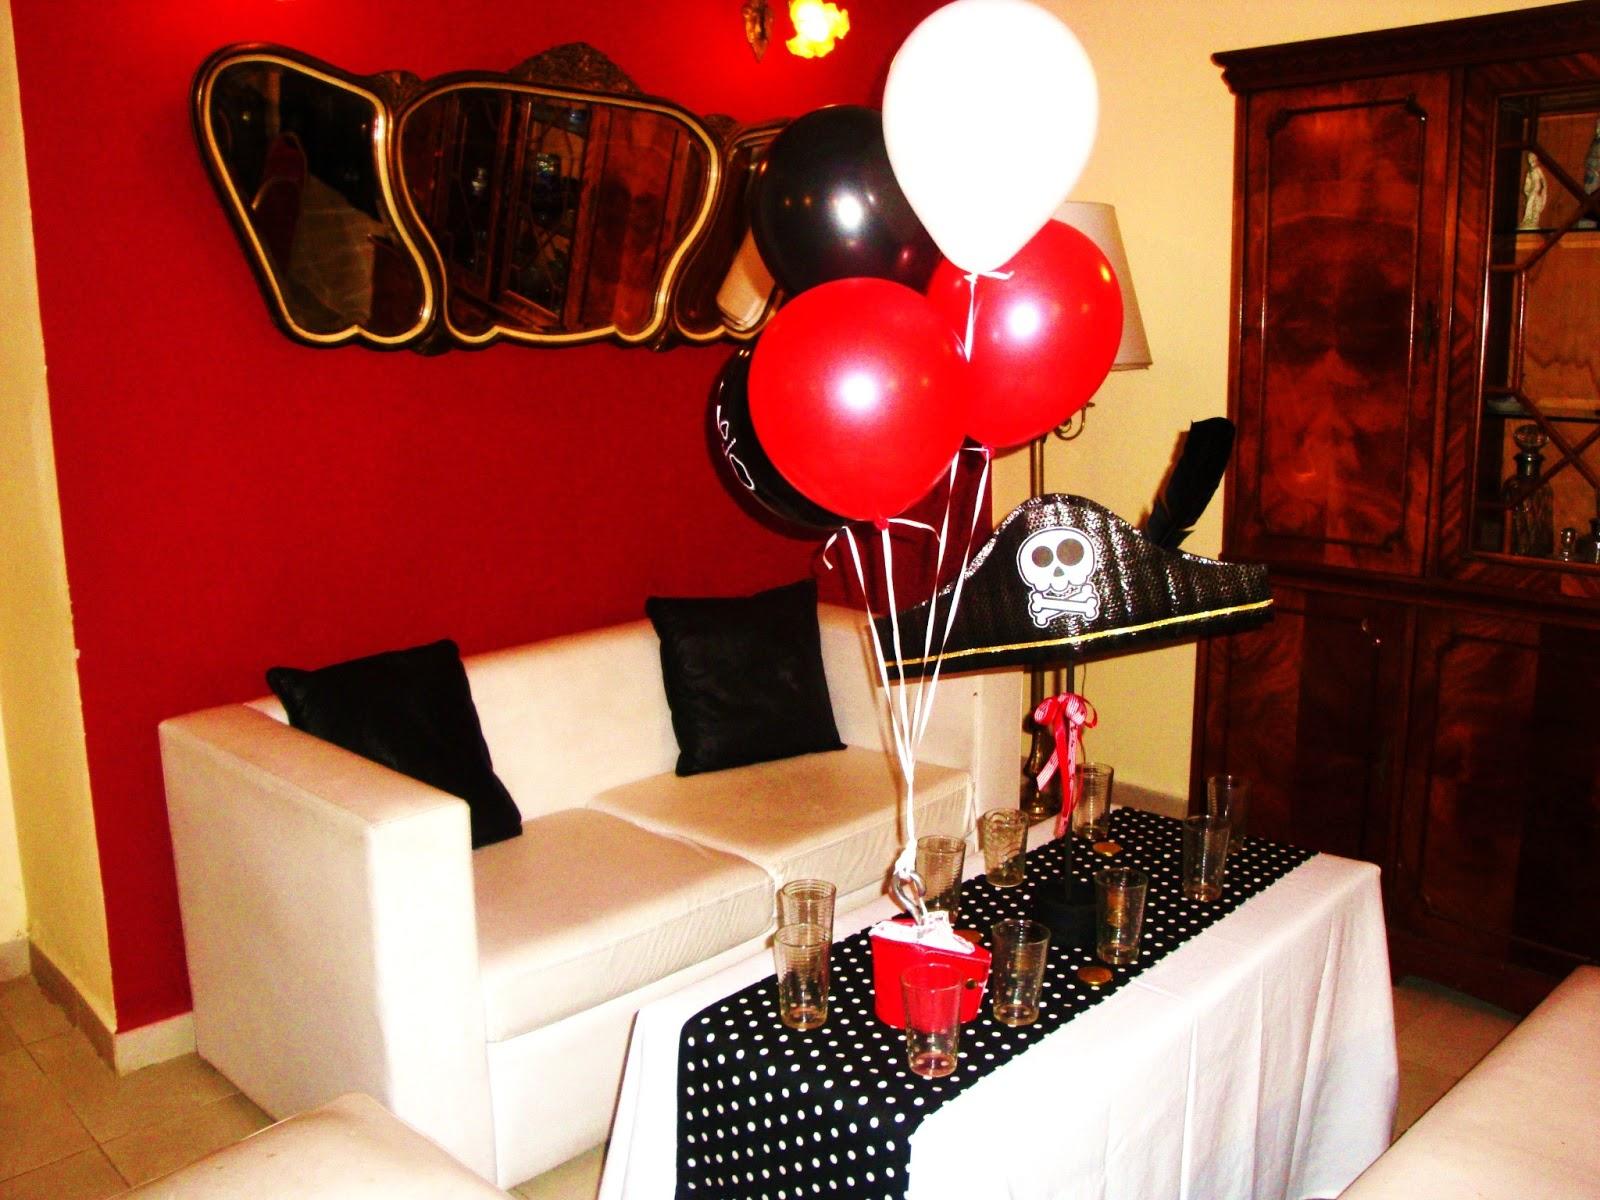 : Cumpleaños tematico de piratas/ pirates themed birthday party